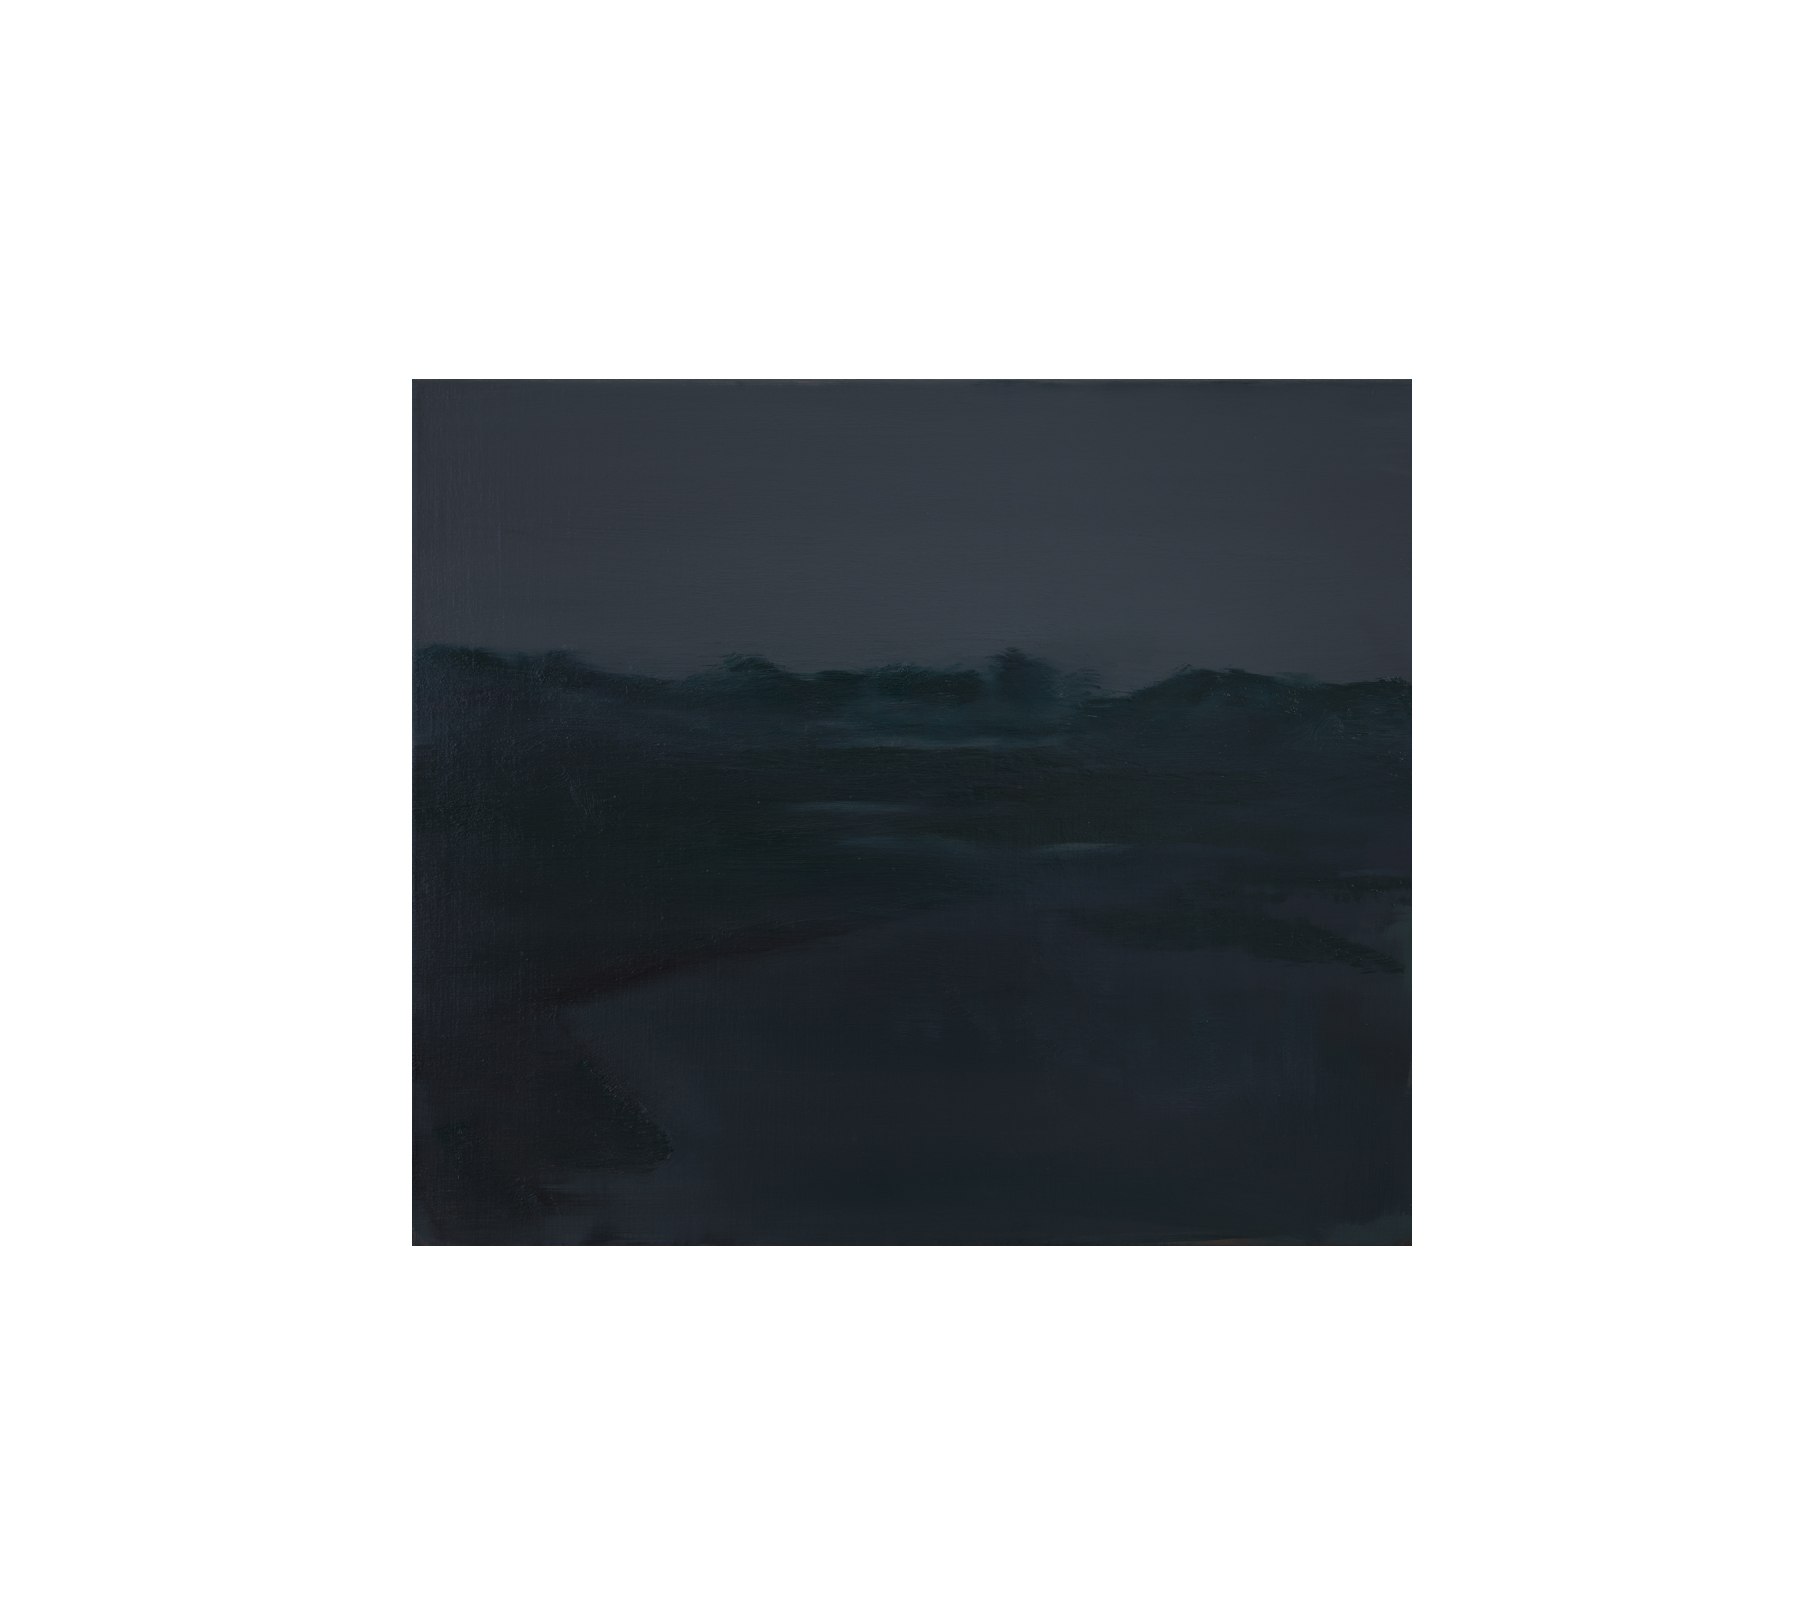 Full moon 2018 60x70cm